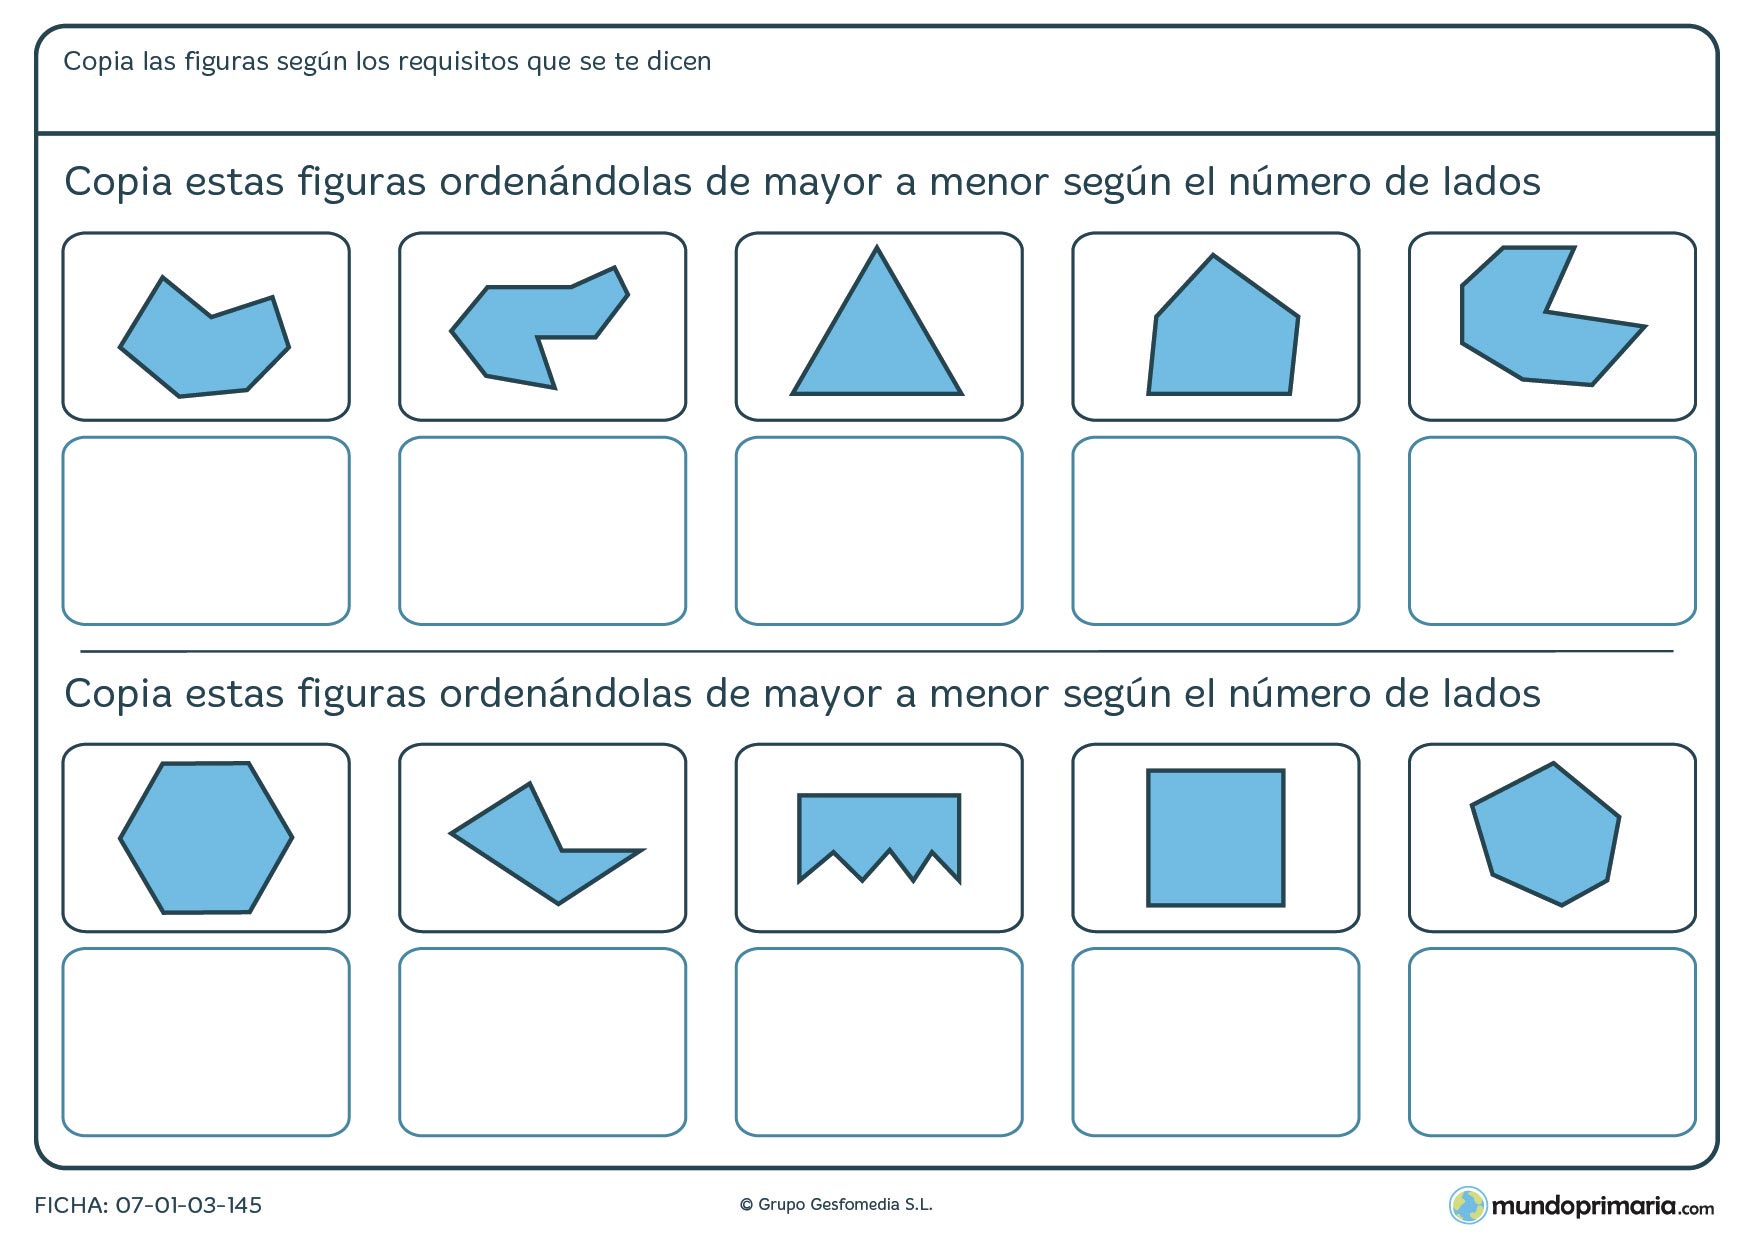 Ficha de figuras para ordenar figuras geométricas de mayor a menor según su número de lados.